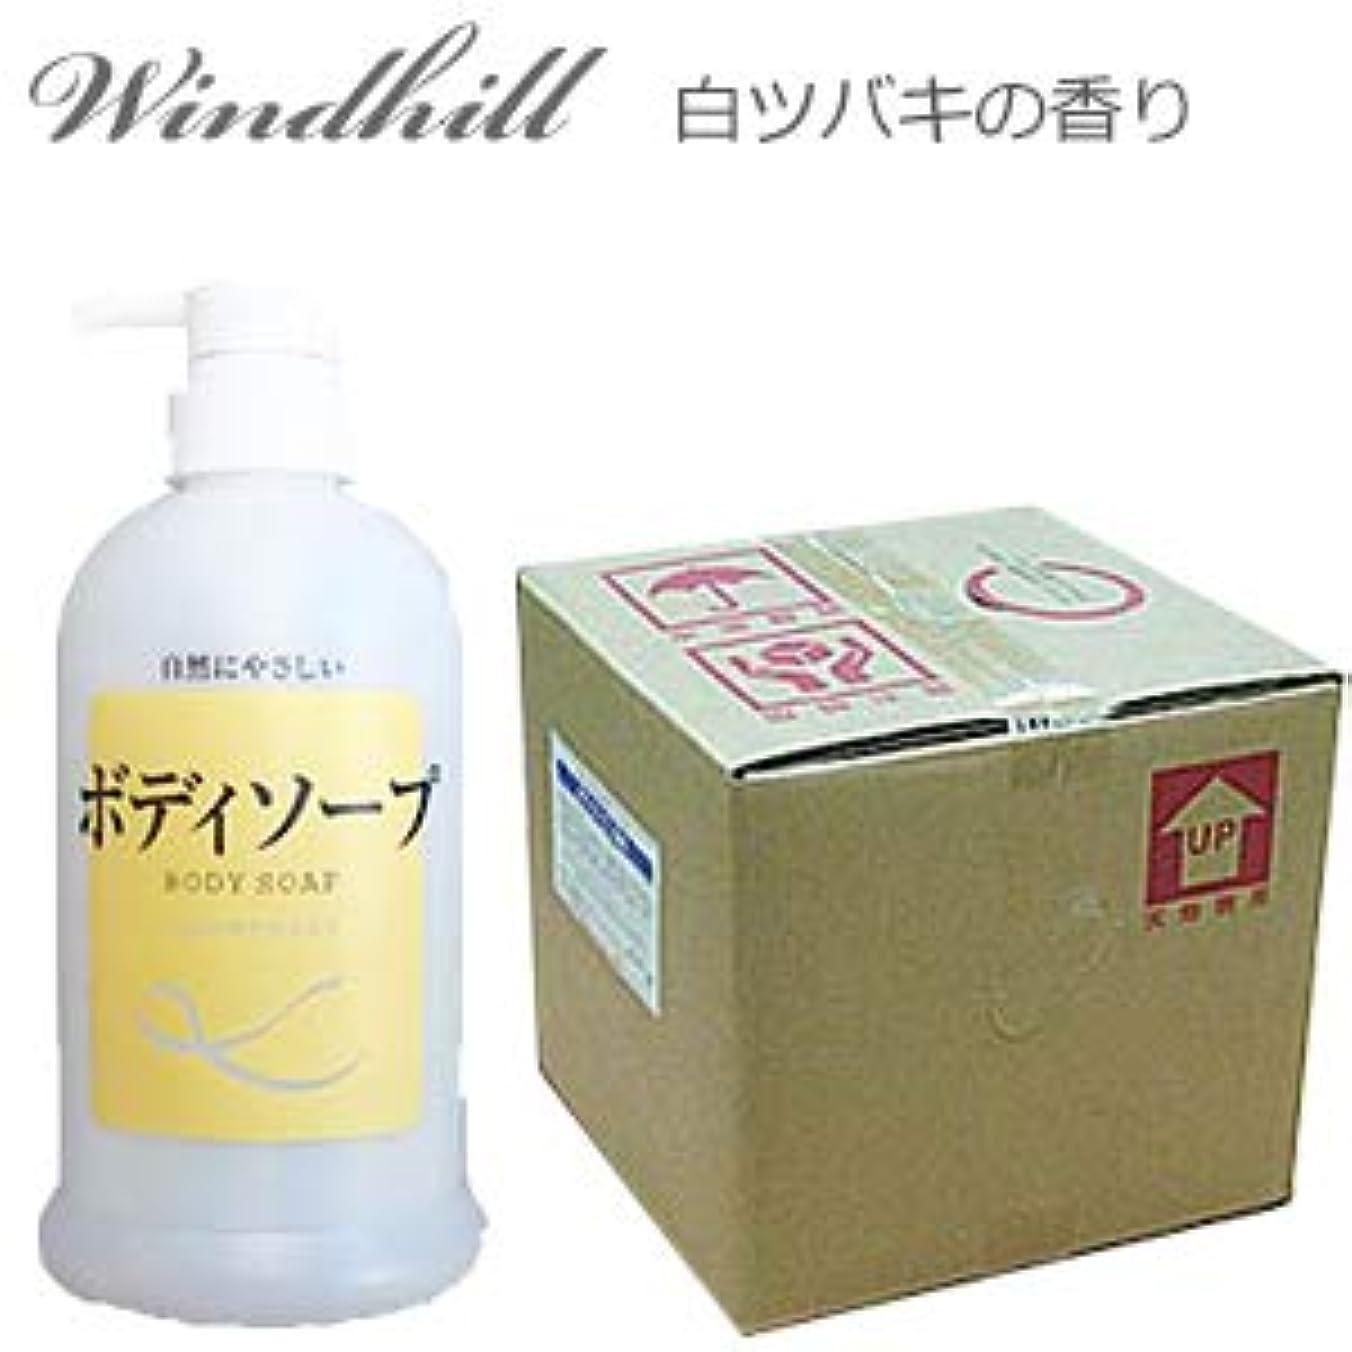 一回学者悲しみなんと! 500ml当り175円 Windhill 植物性 業務用 ボディソープ  白ツバキの香り 20L